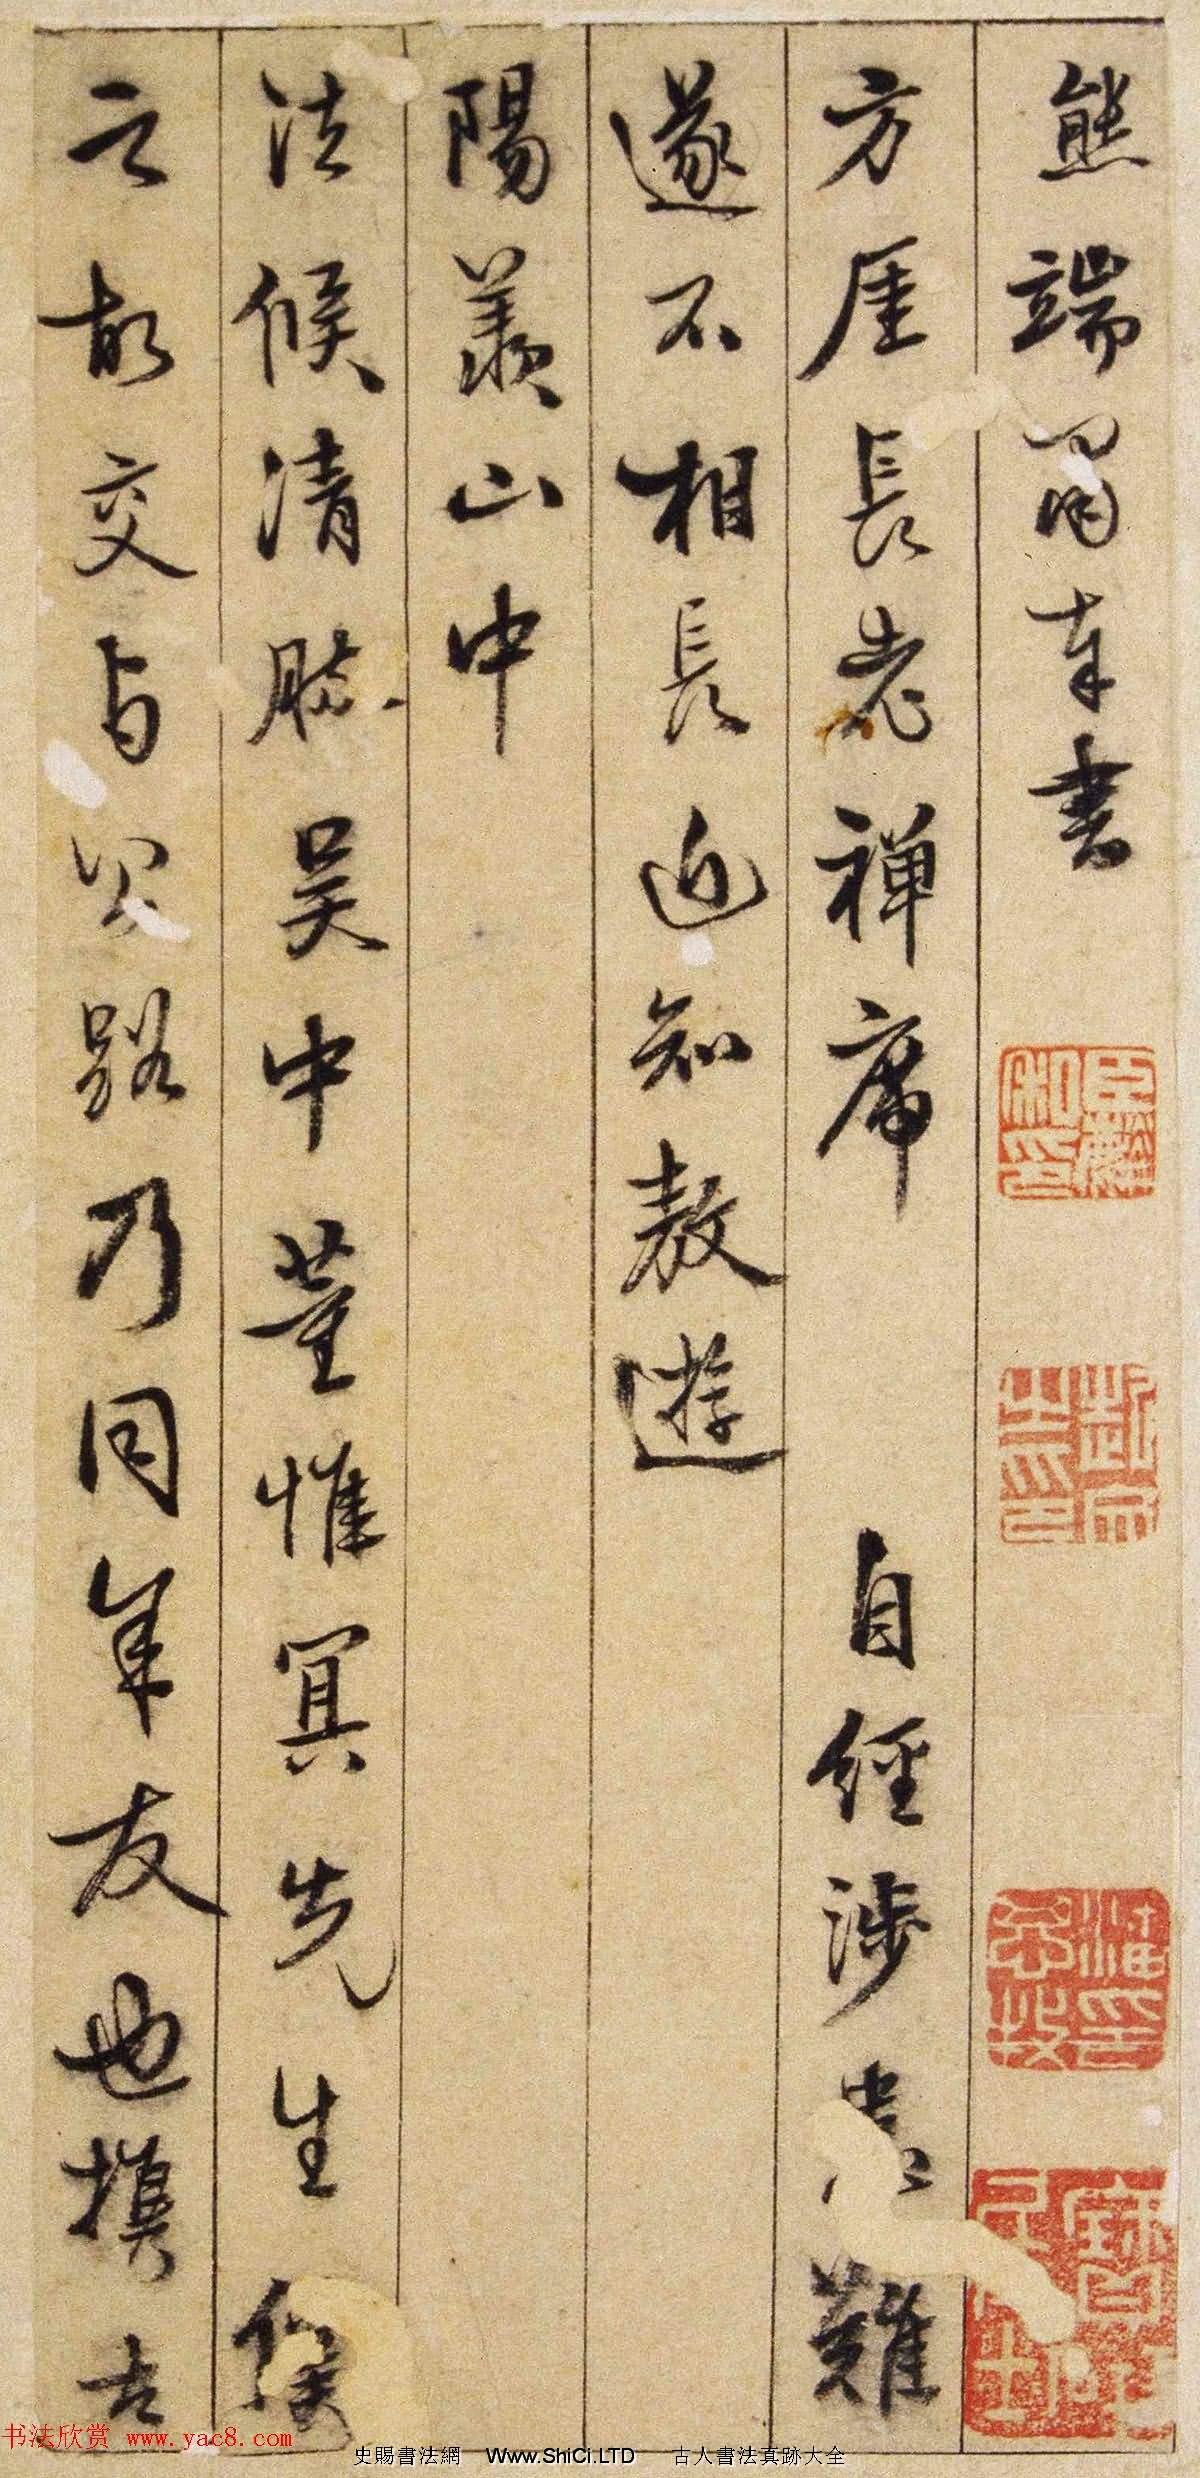 元末明初盧熊書法字帖《跋古本禊帖》(共4張圖片)